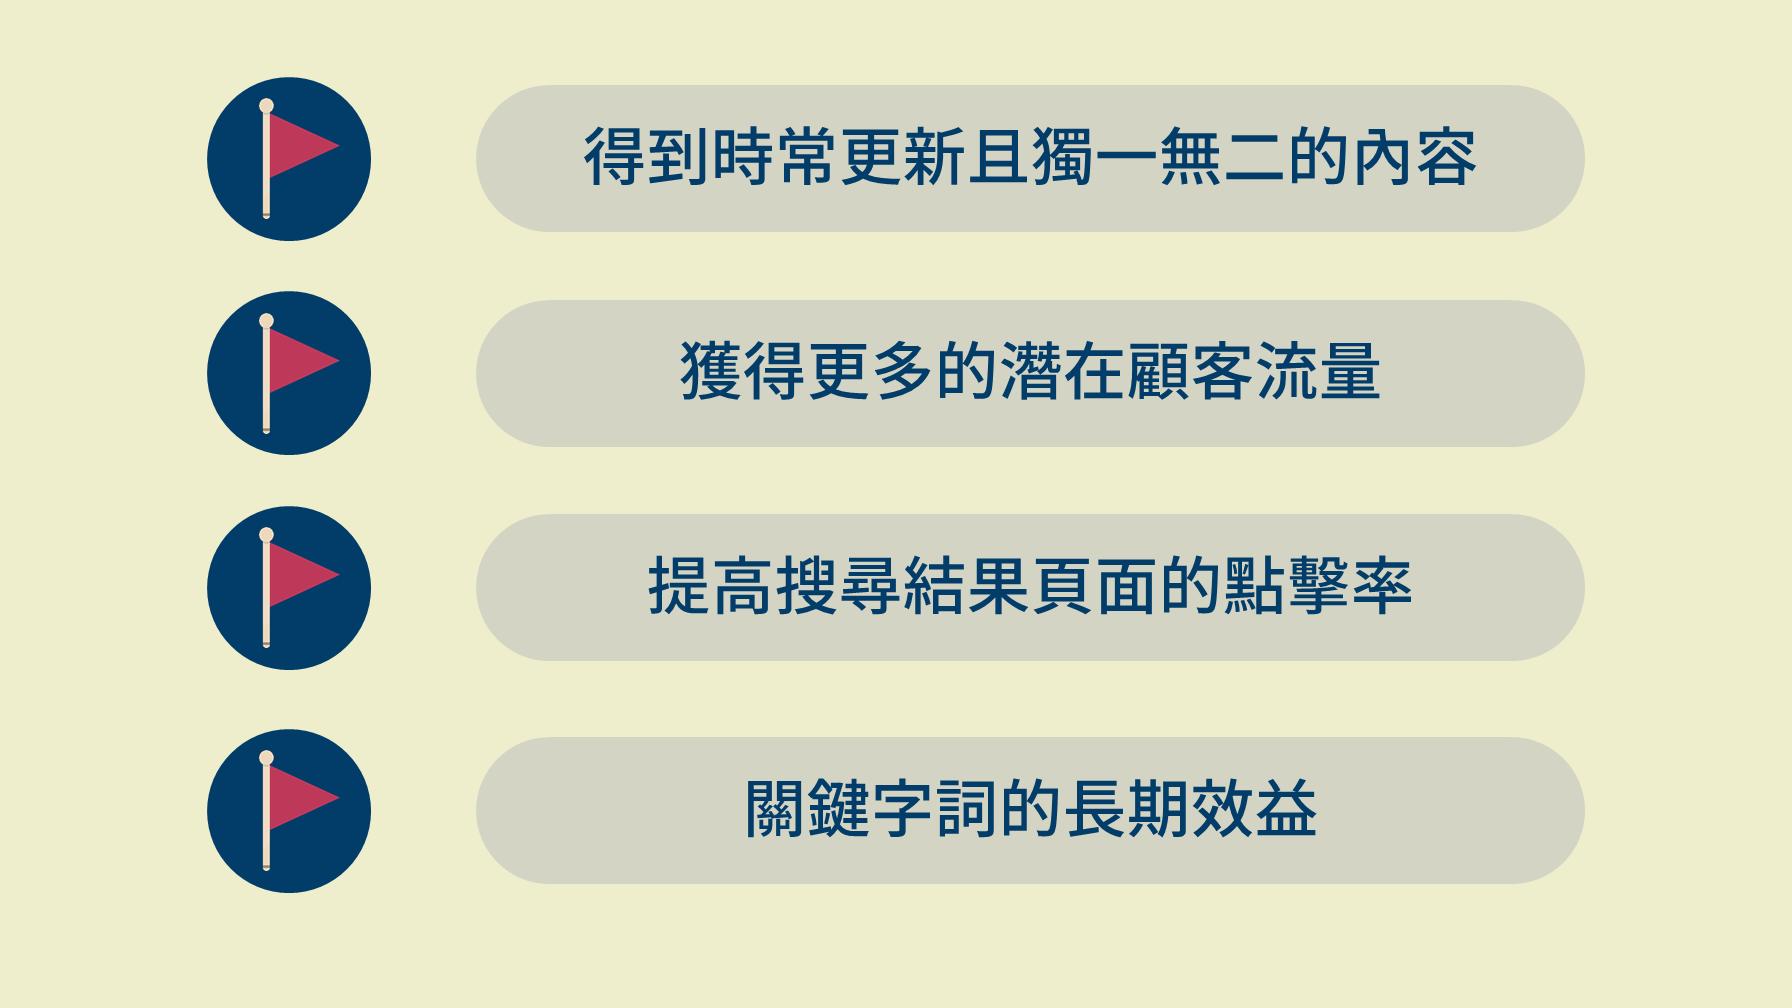 SEO上4項優勢